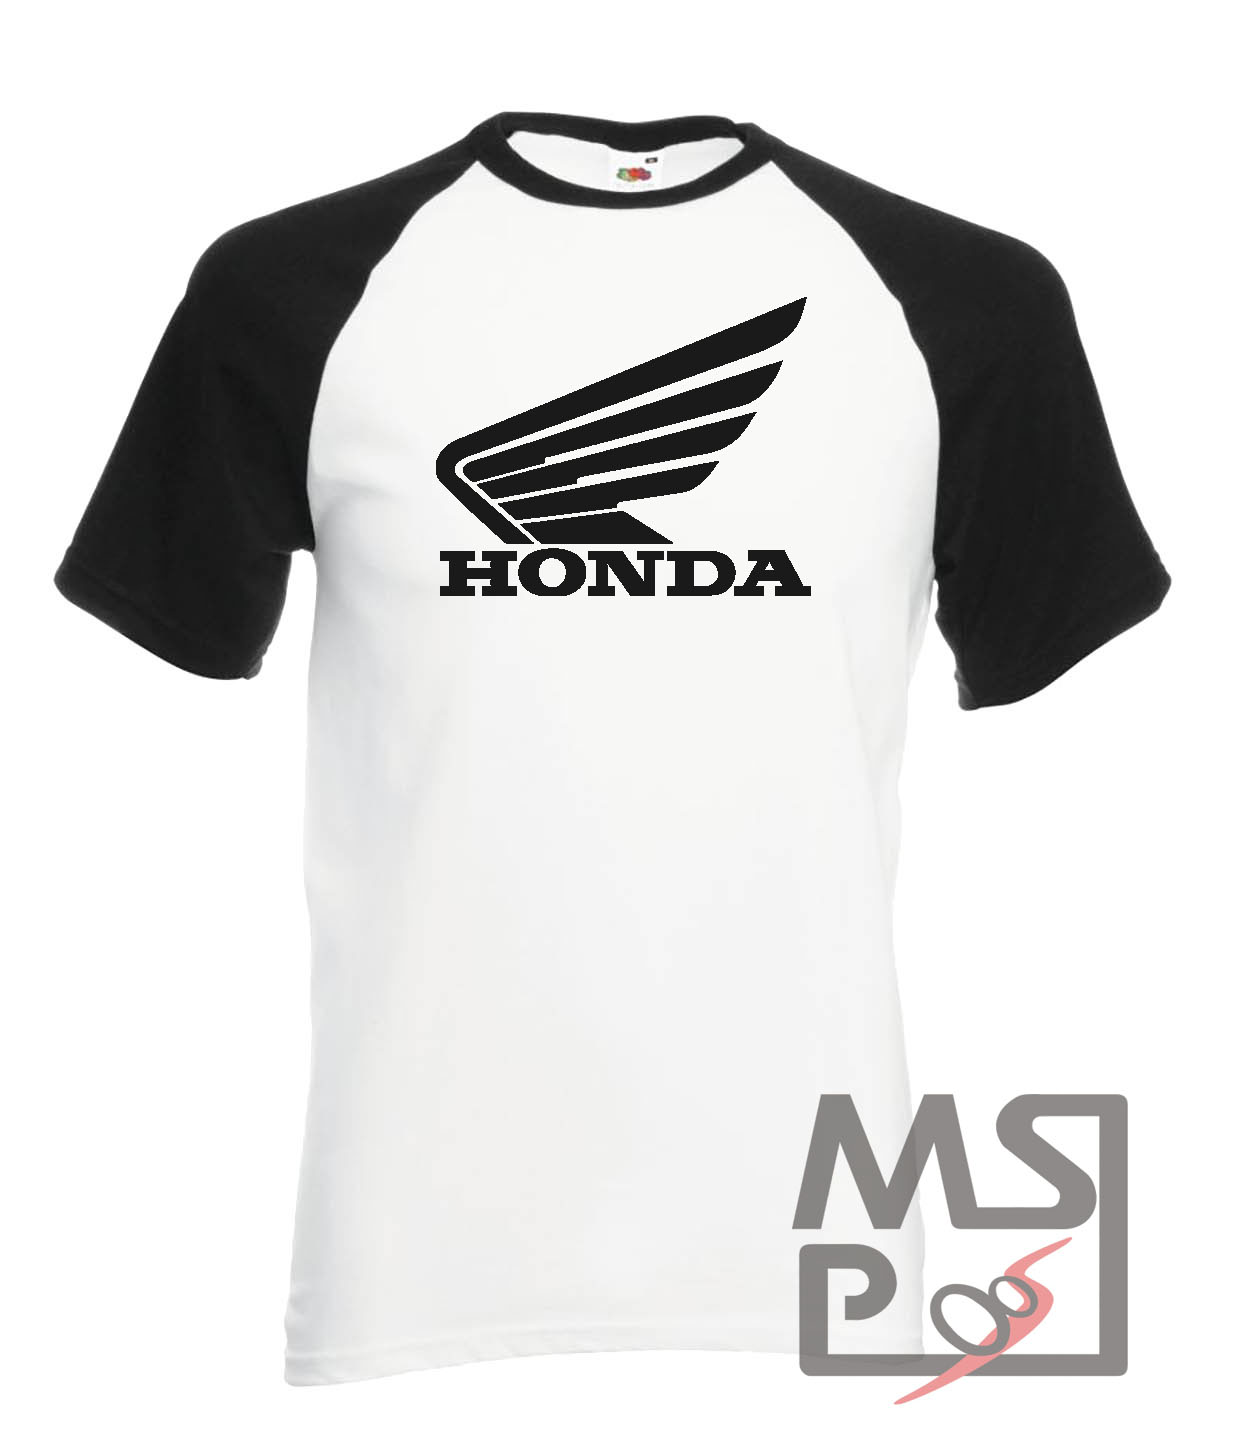 Pánske tričko s motívom Honda 13